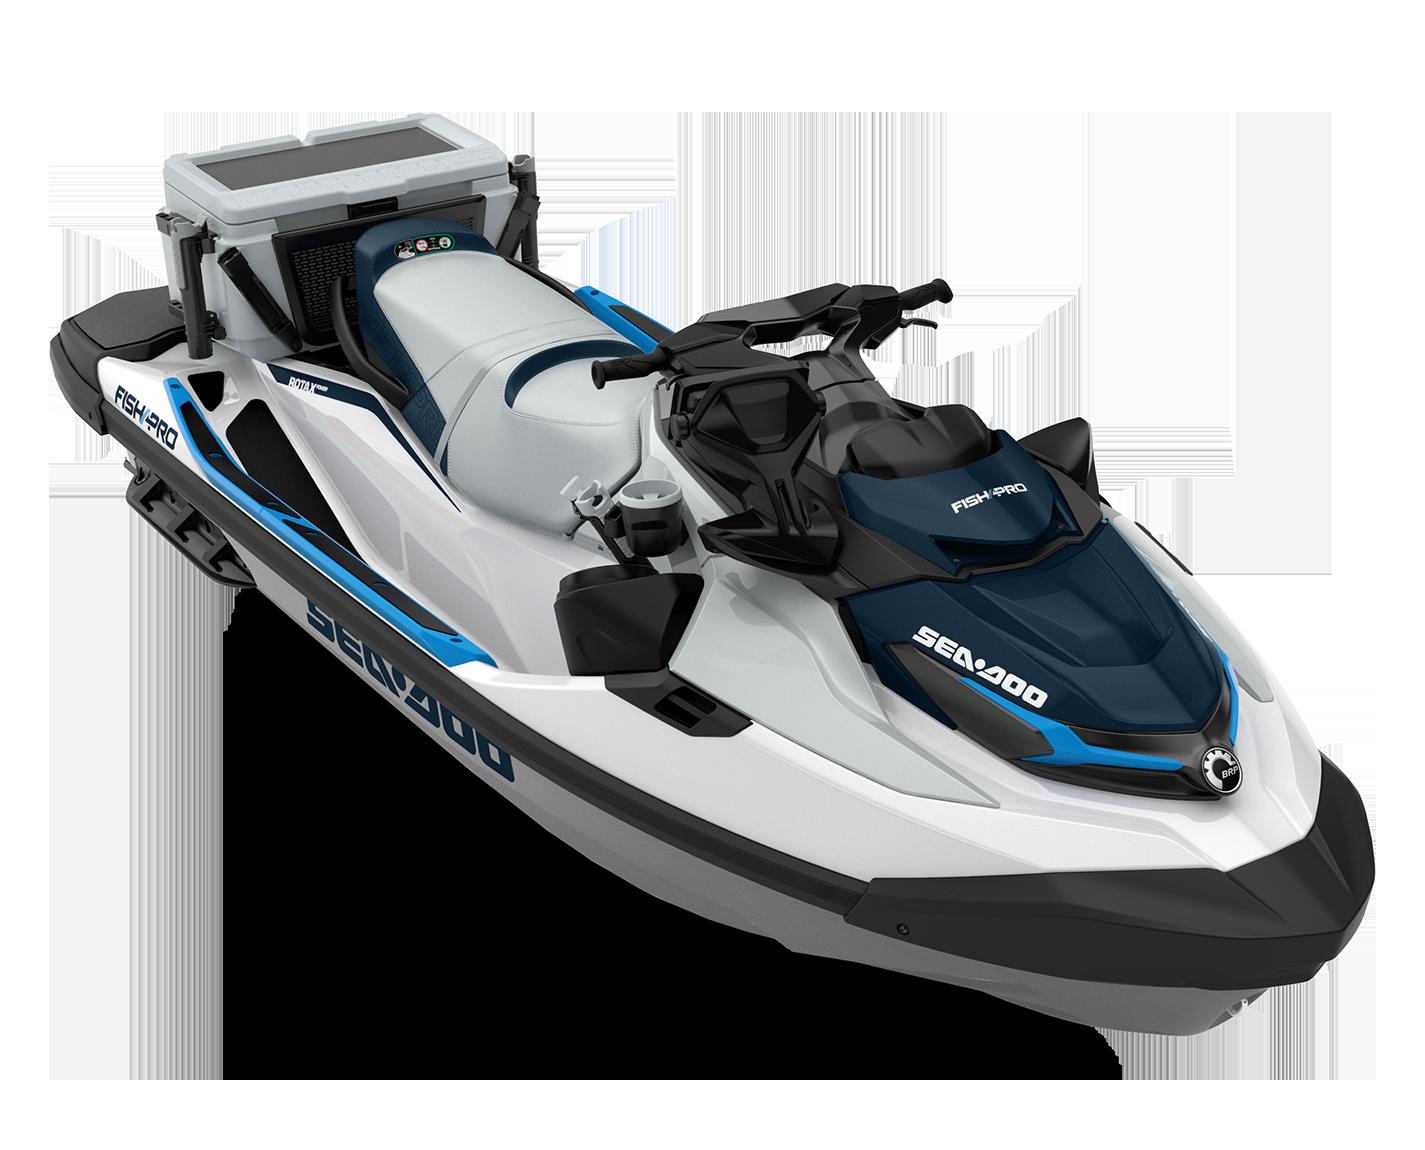 2021 Sea-Doo FishPro